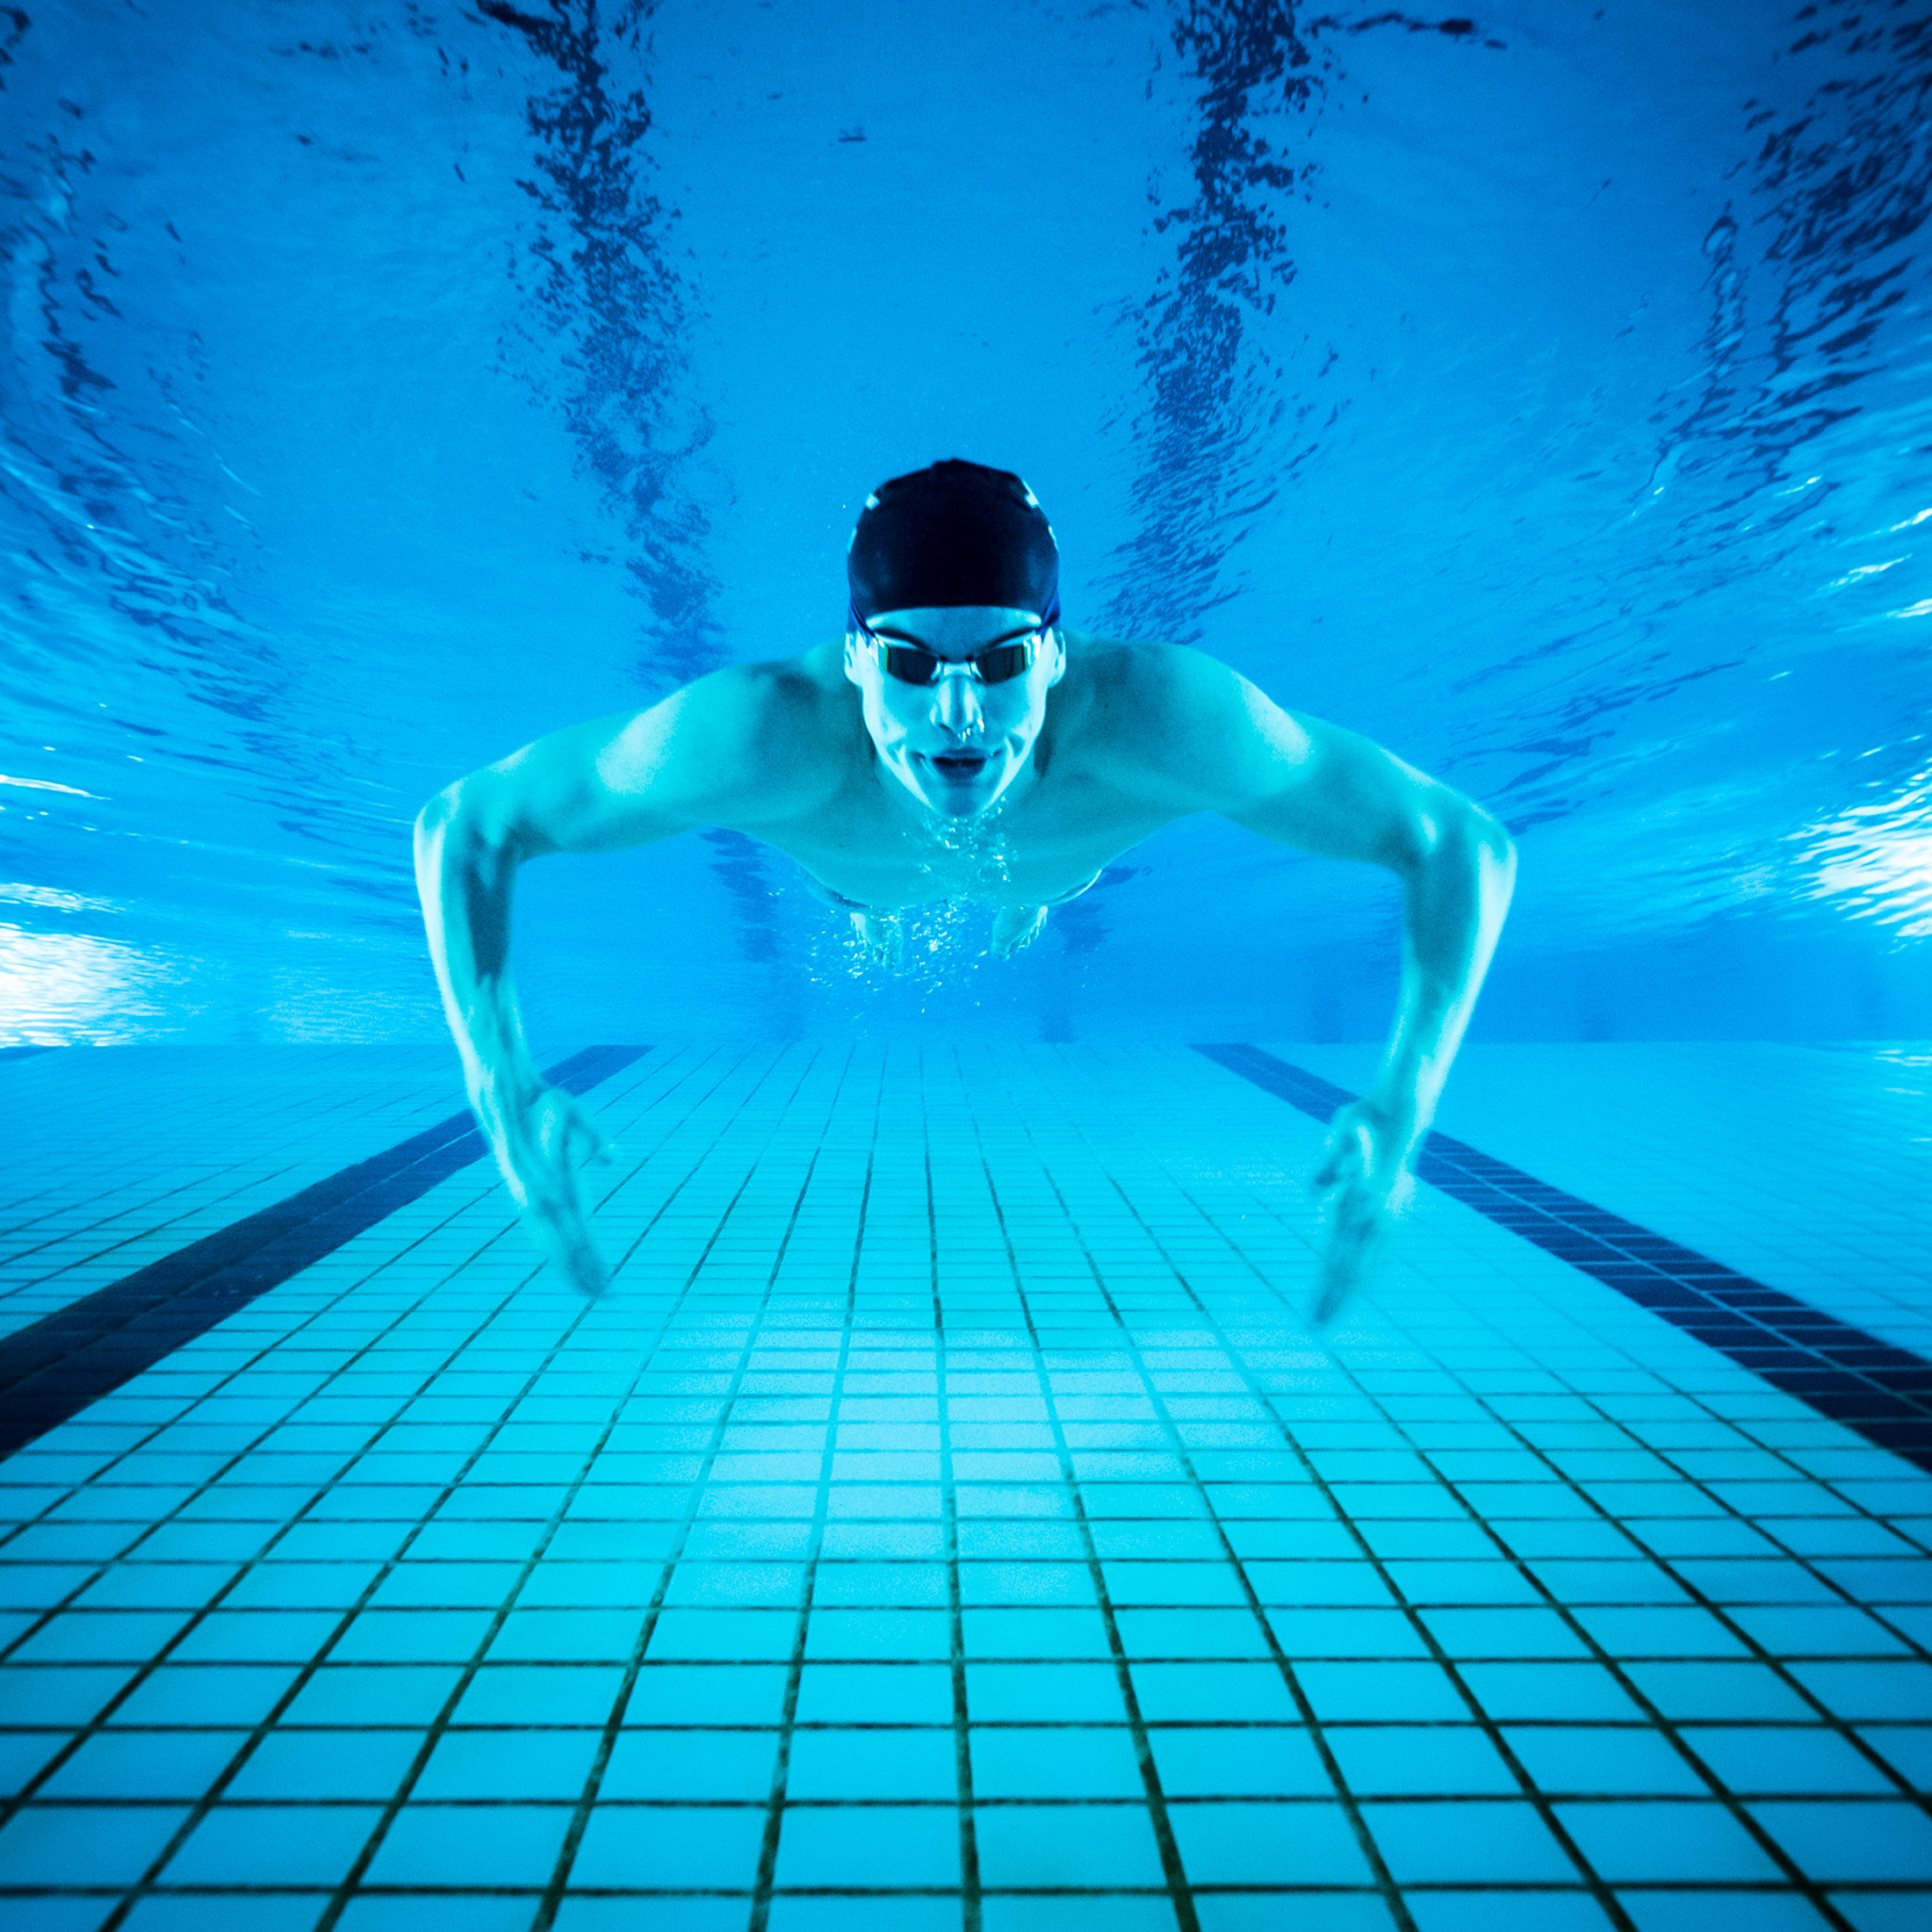 Sportfotografie, Schwimmer Schweizer Elite Nationalmannschaft, Swimmer, Swiss Swimming, Theirry Bollin, Unterwasser, Kongresshaus Biel; David Schweizer / davidschweizer